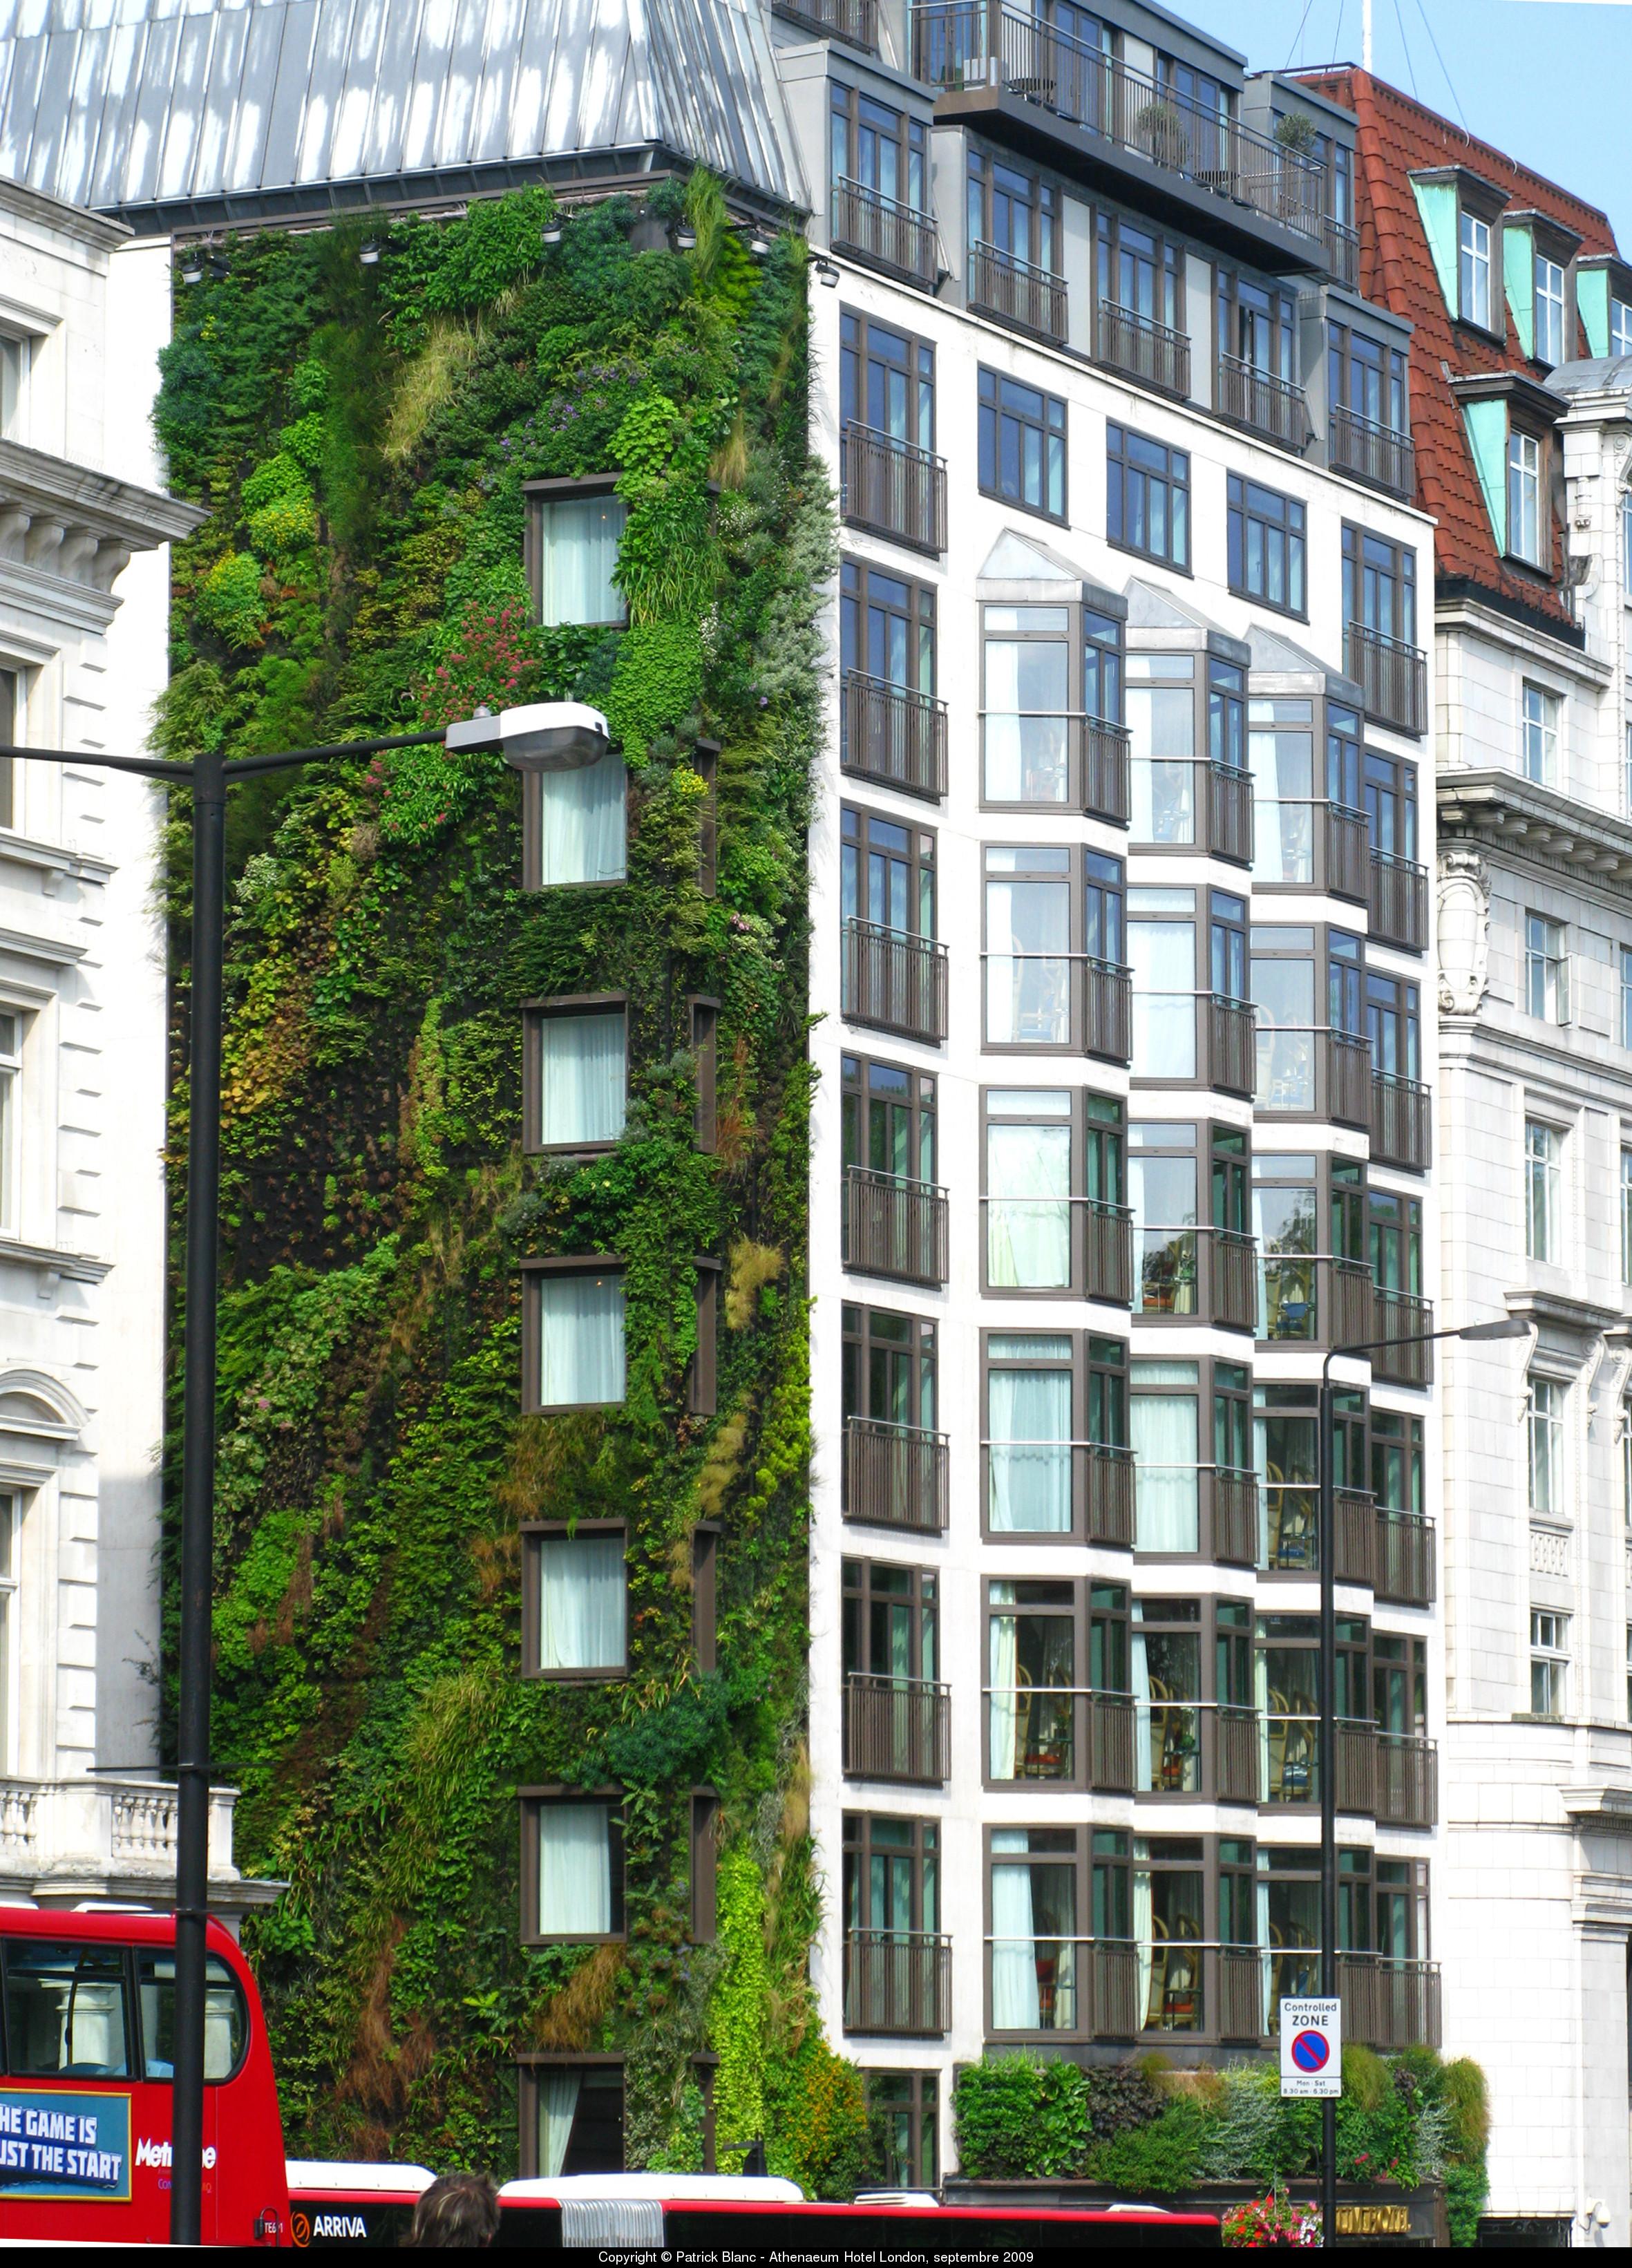 Patrick blanc jardines verticales aryse for Edificios con jardines verticales